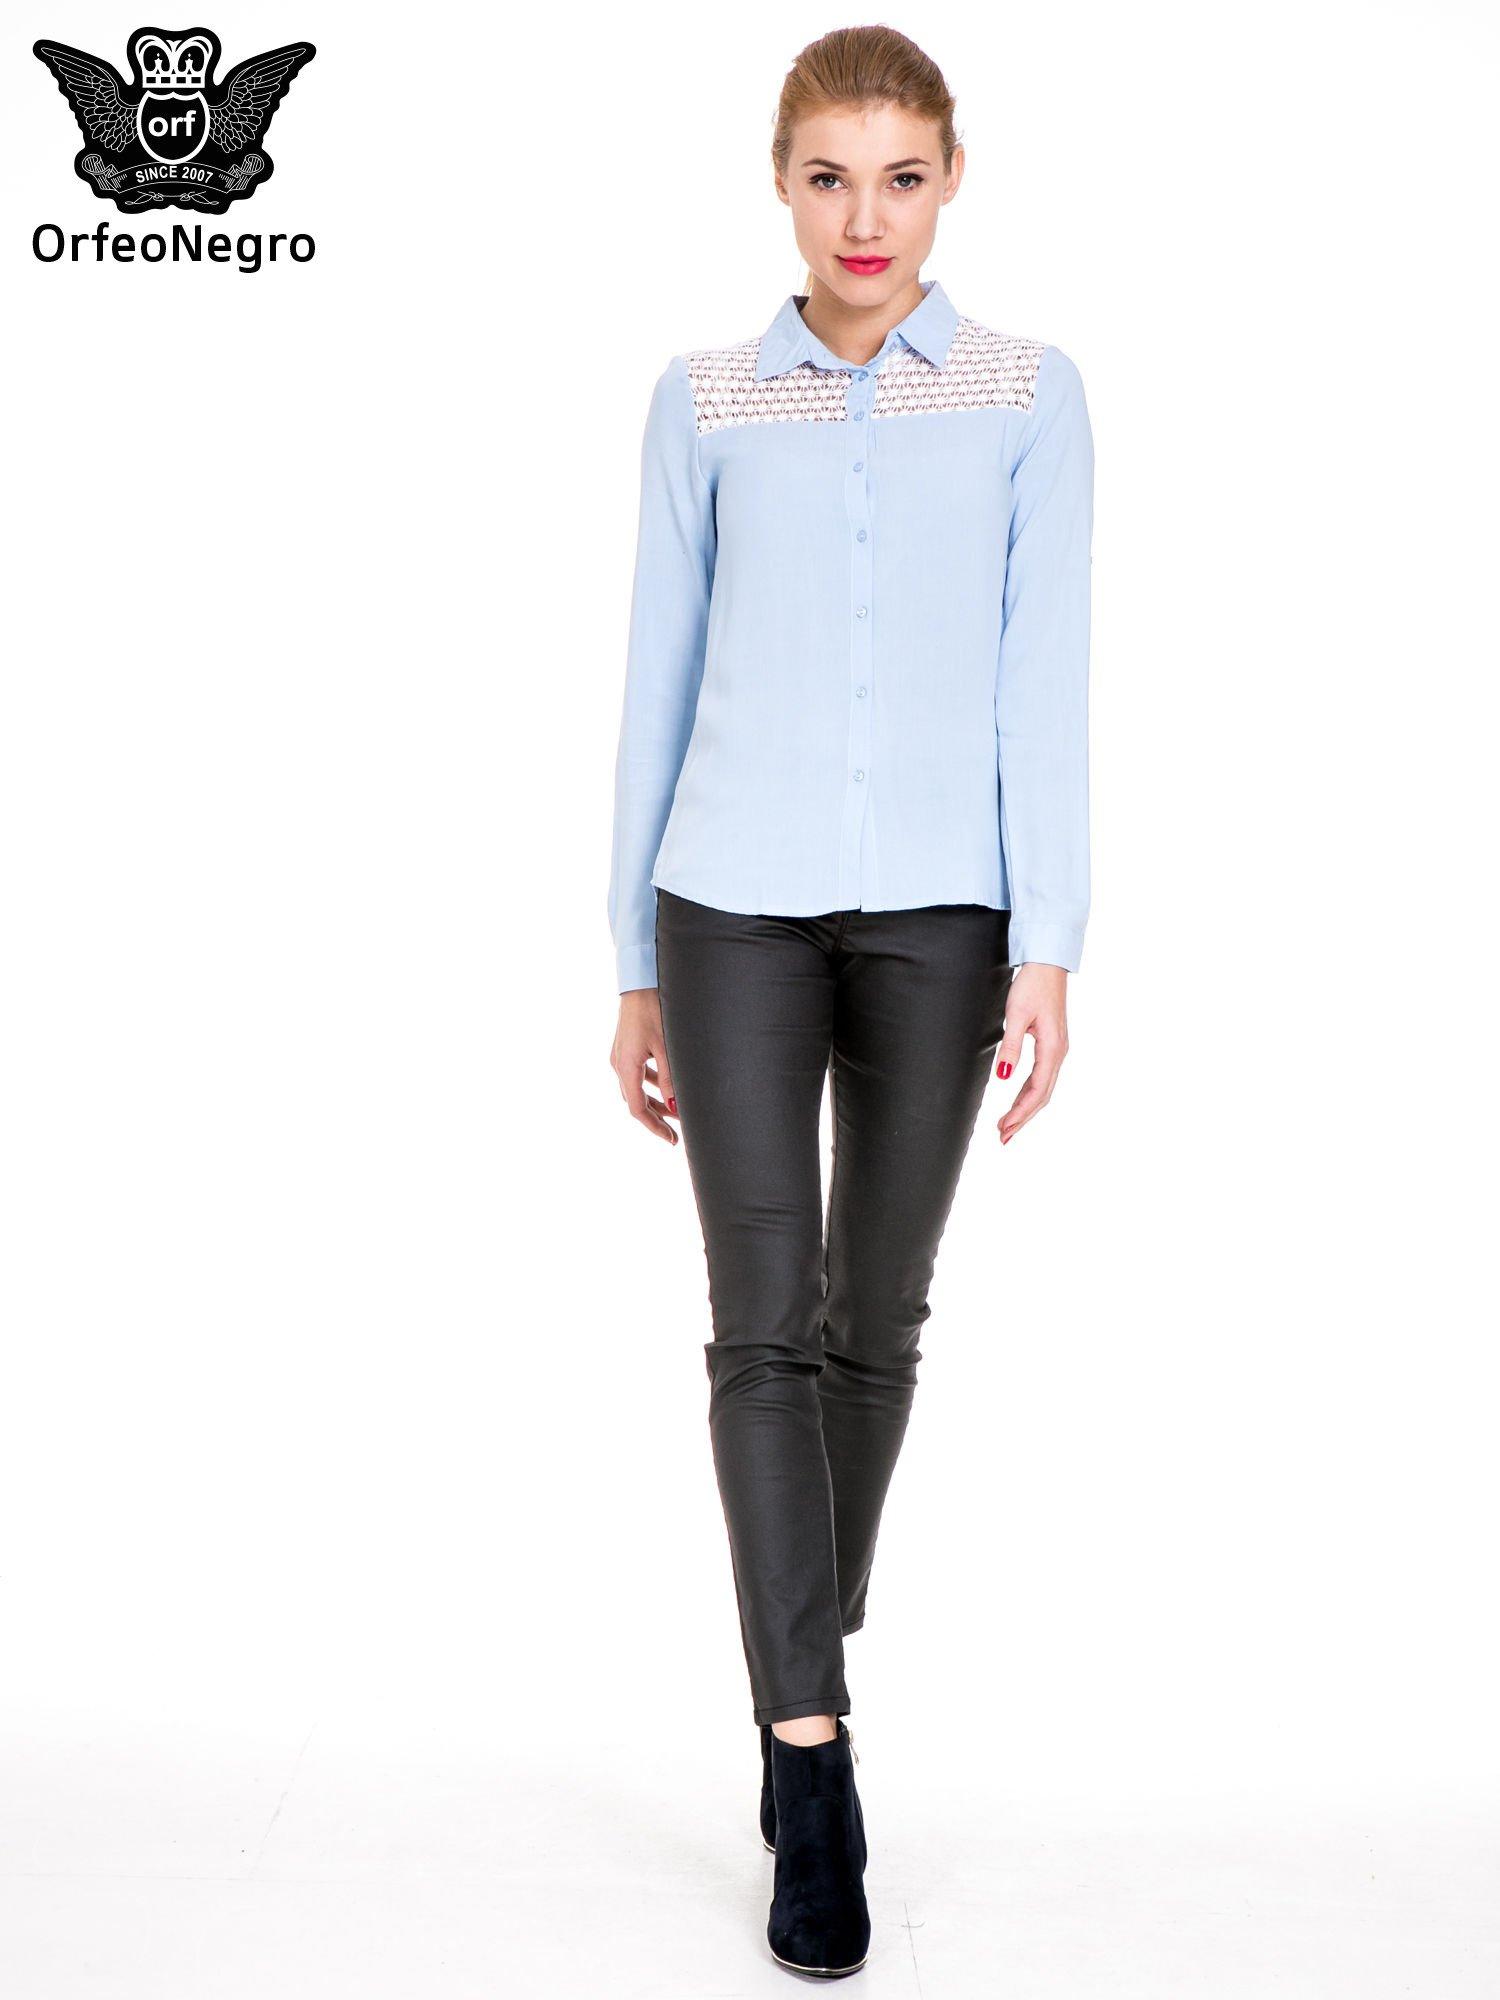 Niebieska koszula damska z koronkową górą                                  zdj.                                  2